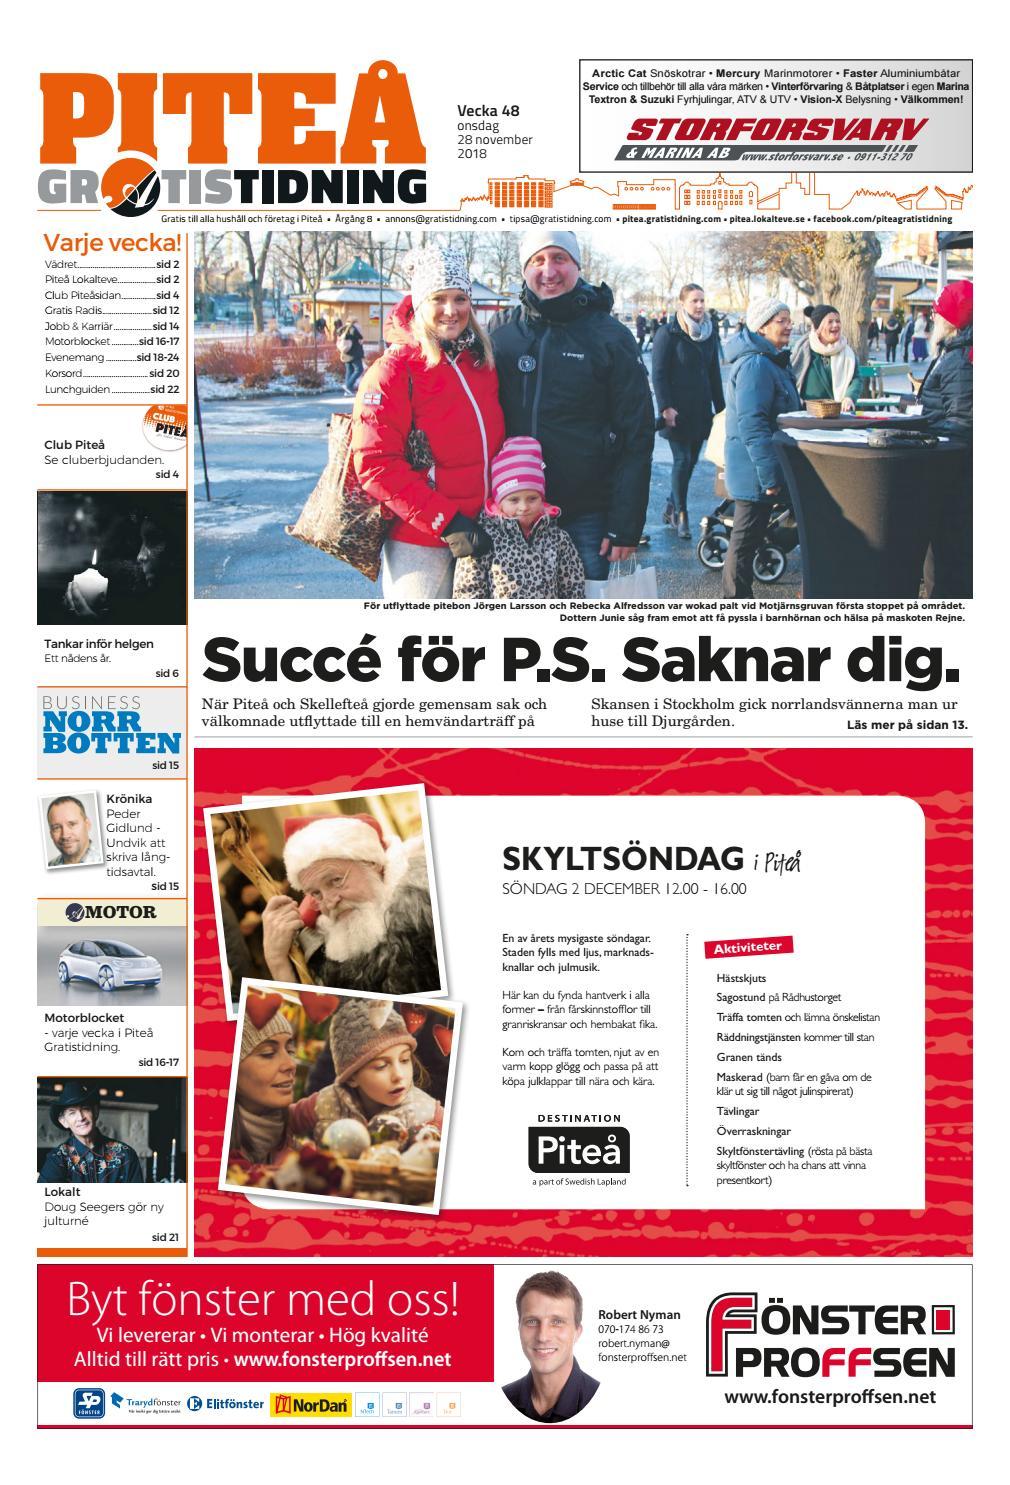 d88d8505401a Piteå Gratistidning vecka 48, 2018 by Svenska Civildatalogerna AB - issuu